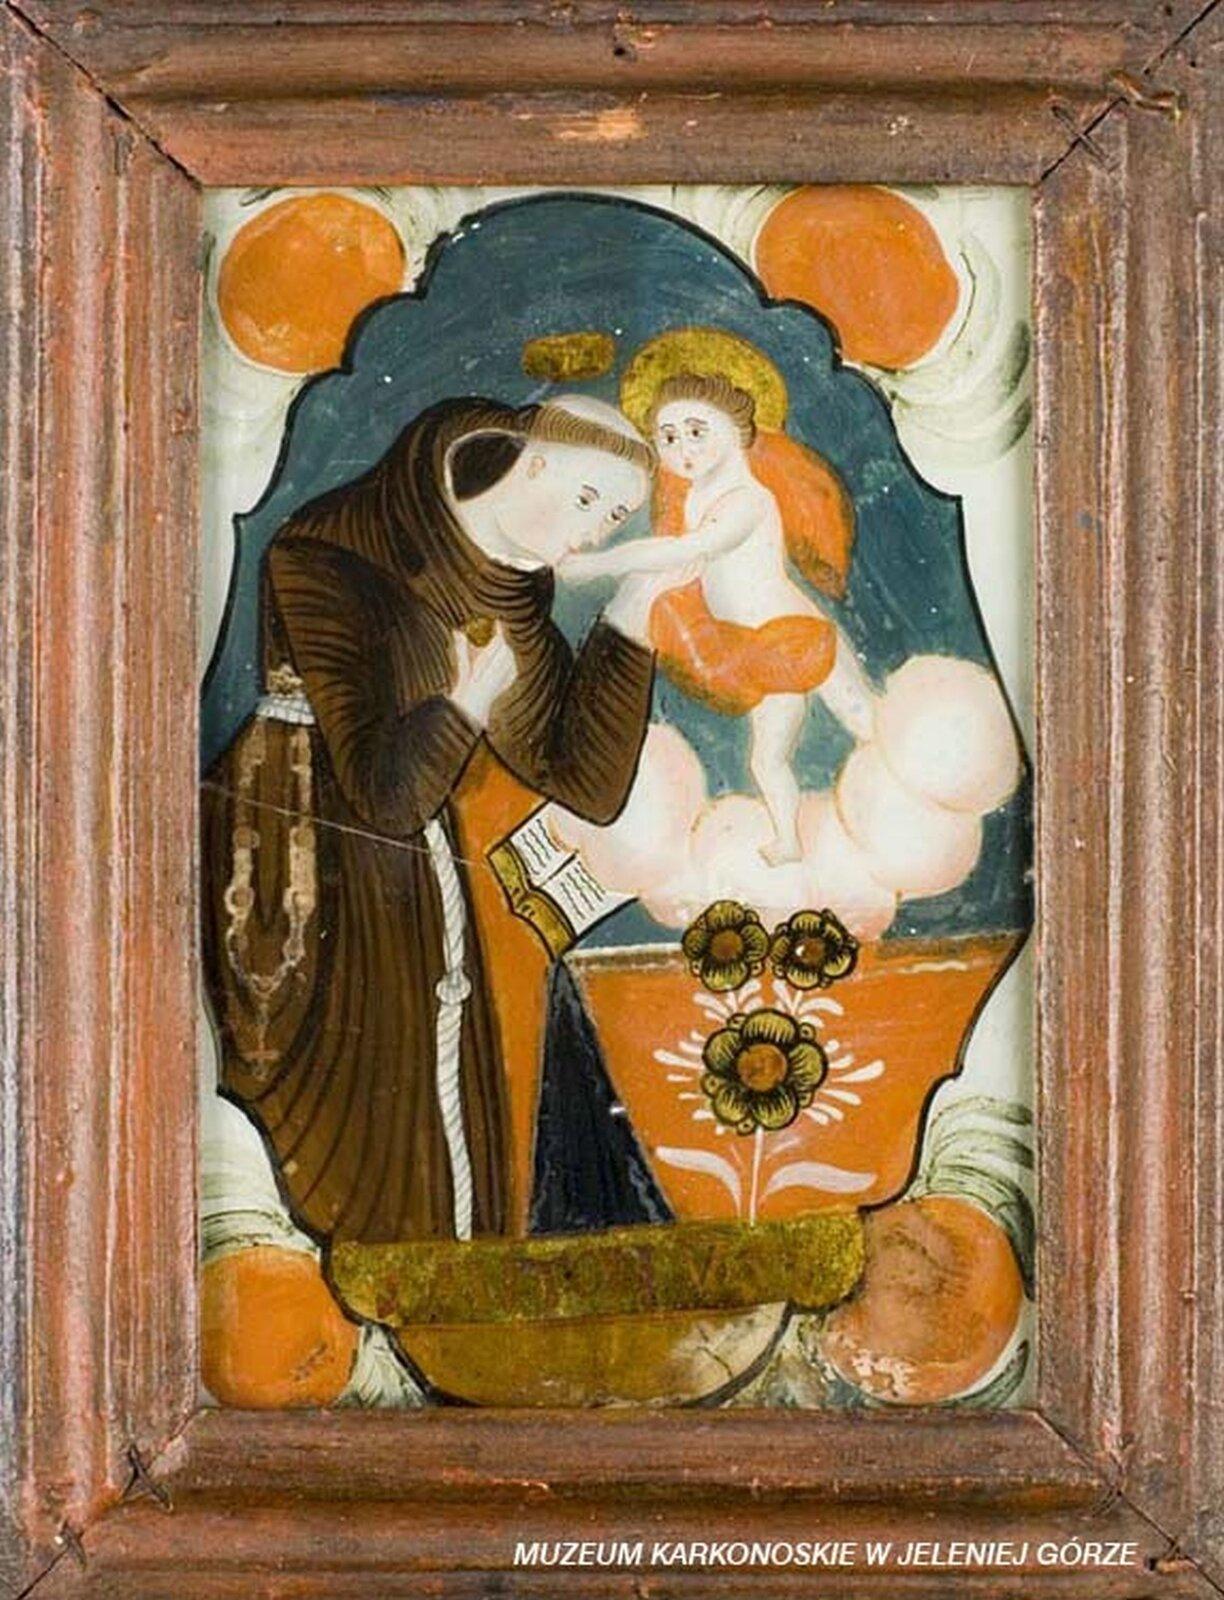 Ilustracja przedstawia malowidło na szkle, które ukazuje św. Antoniego. Zakonnik ubrany jest whabit przewiązany sznurem. Uboku przewieszony ma różaniec. Całuje wrękę stojącego na chmurze małego Jezusa. Na dole znajdują się kwiaty.